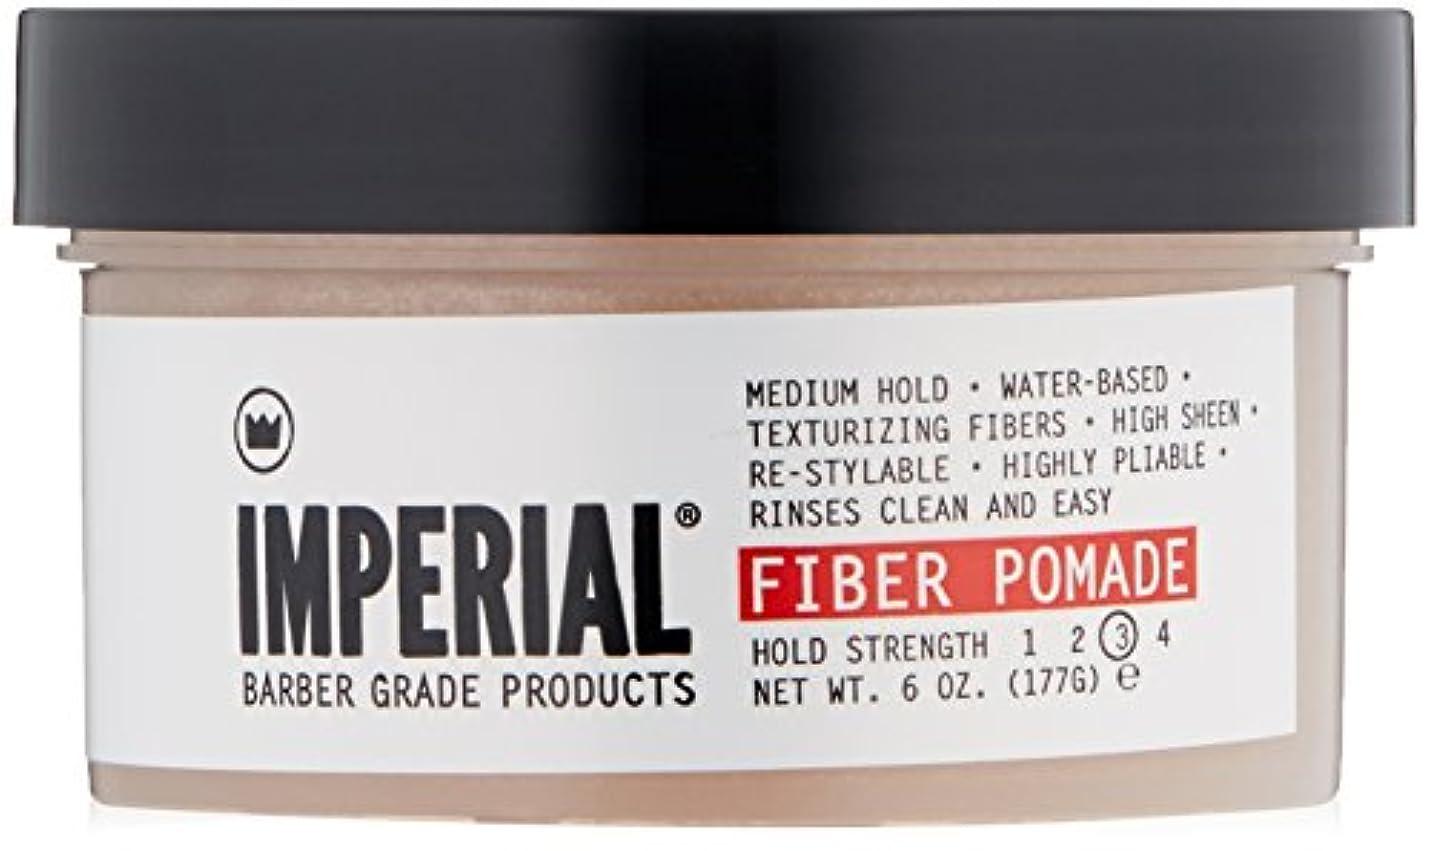 店主バッチドームImperial Barber グレード製品ファイバーポマード6 0Z。 72.0オンス